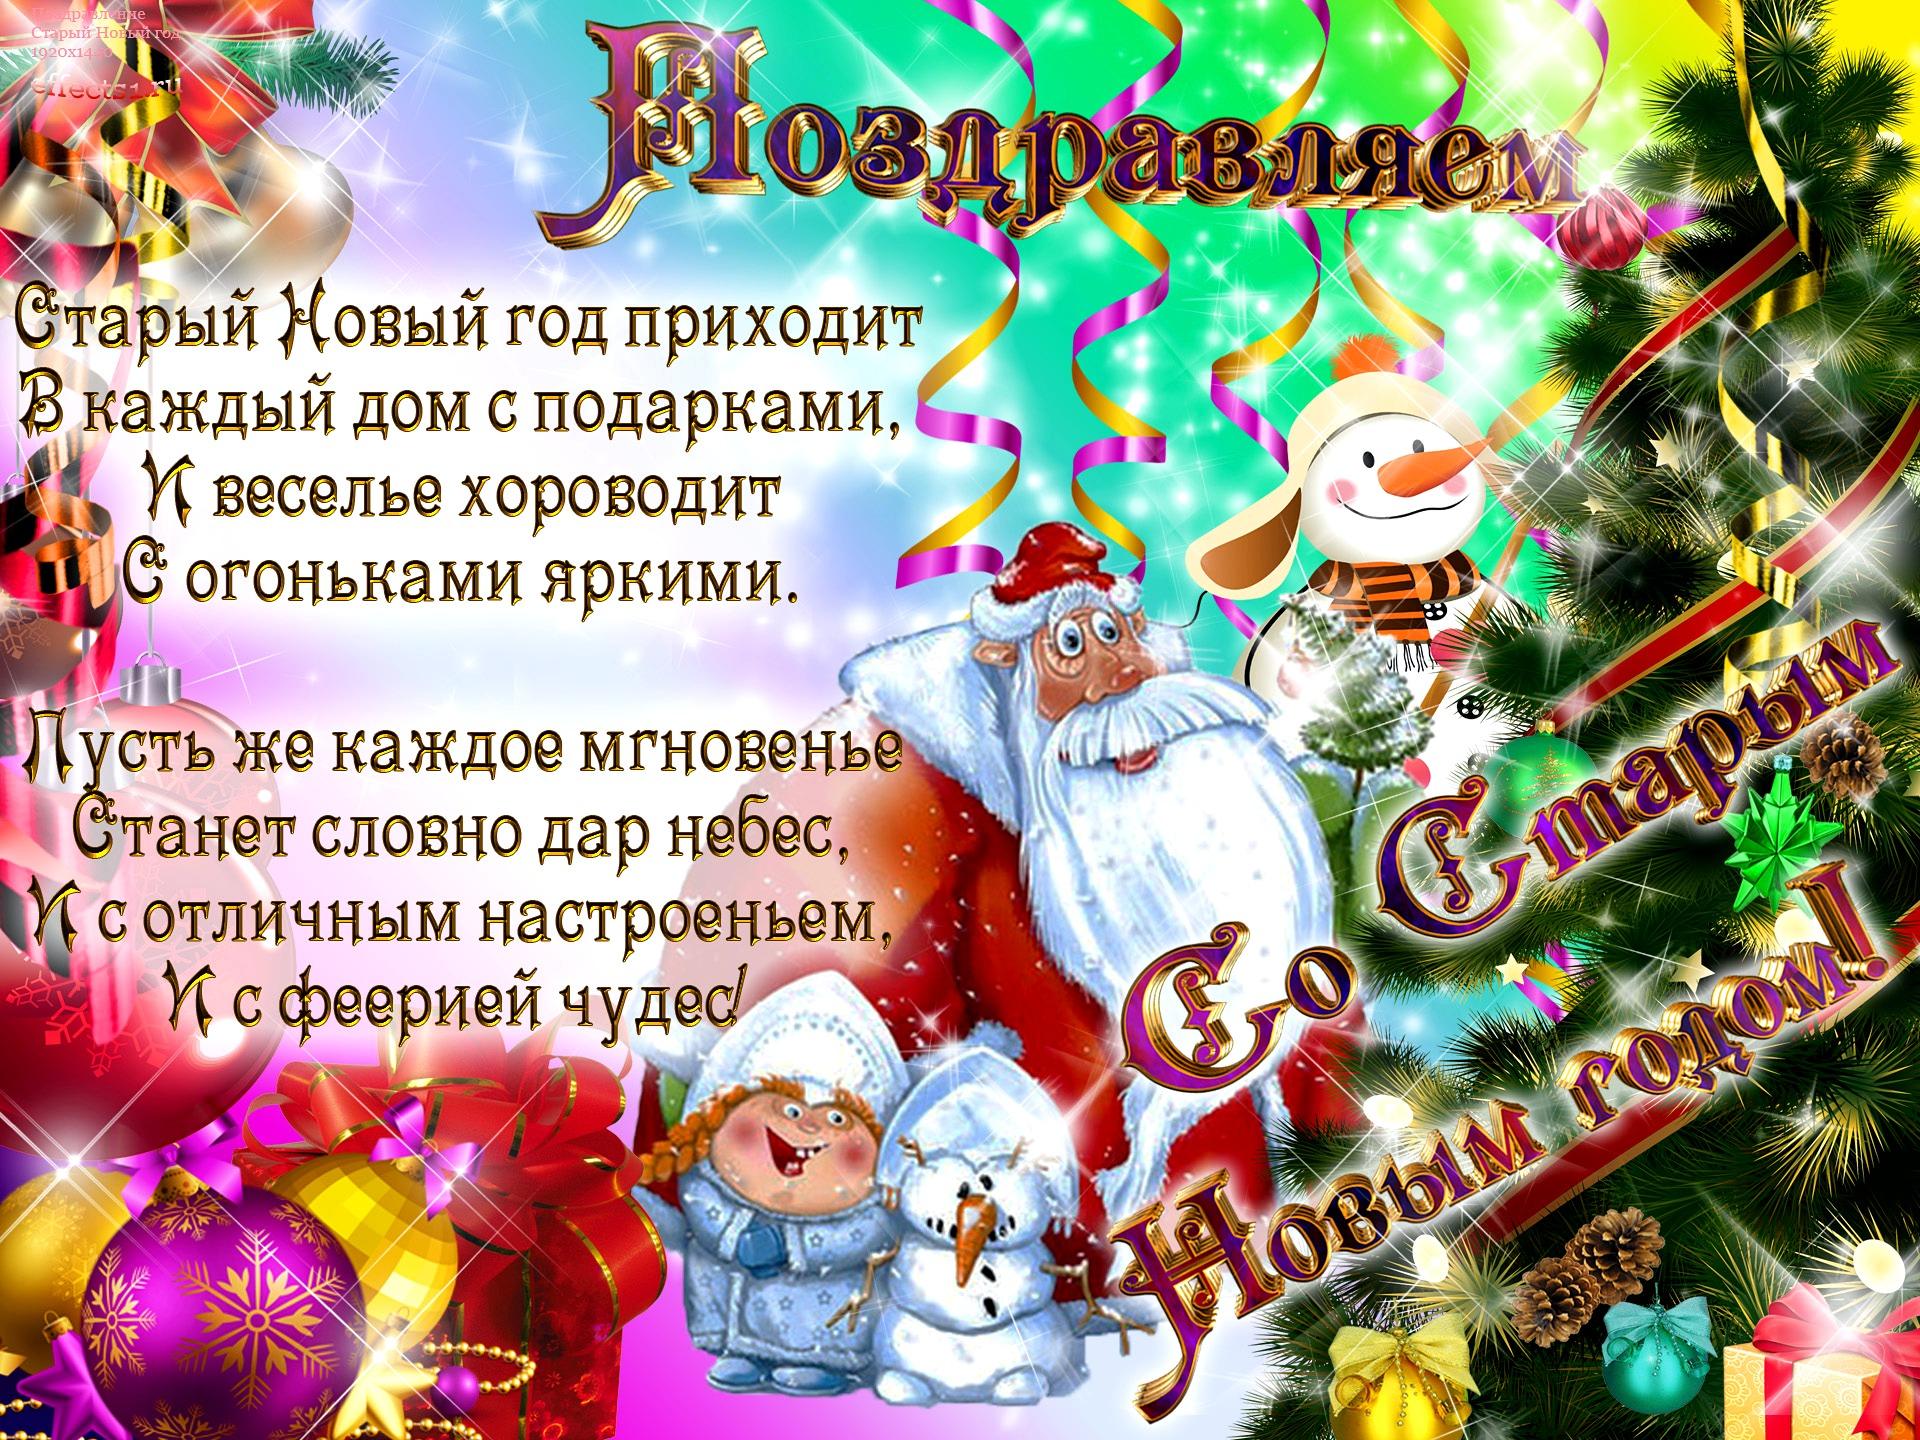 Старый новый год открытки поздравление